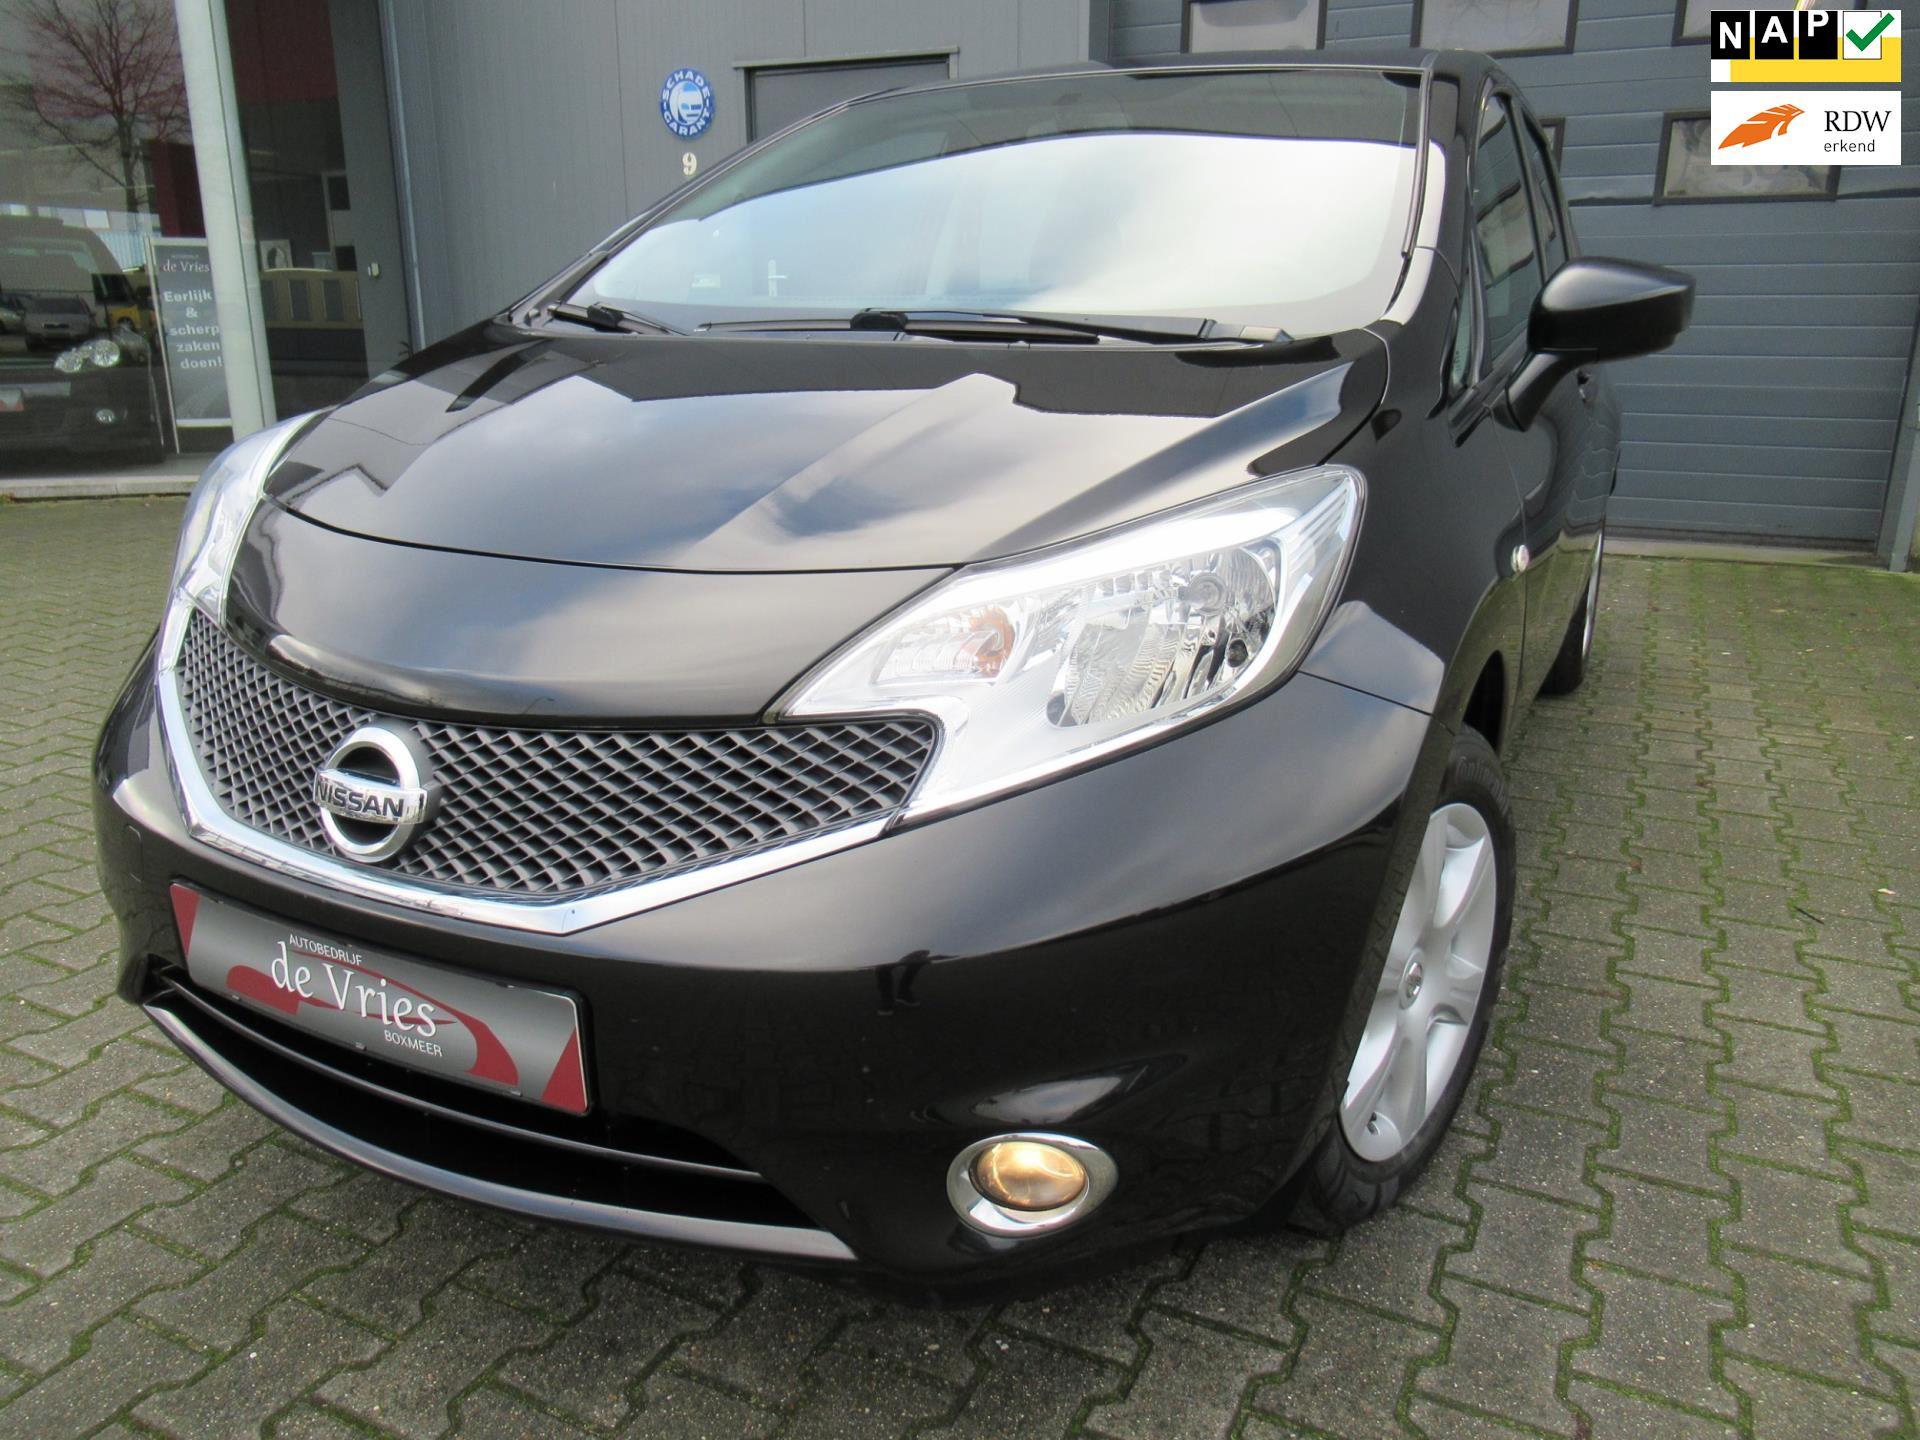 Nissan Note occasion - Autobedrijf de Vries Boxmeer